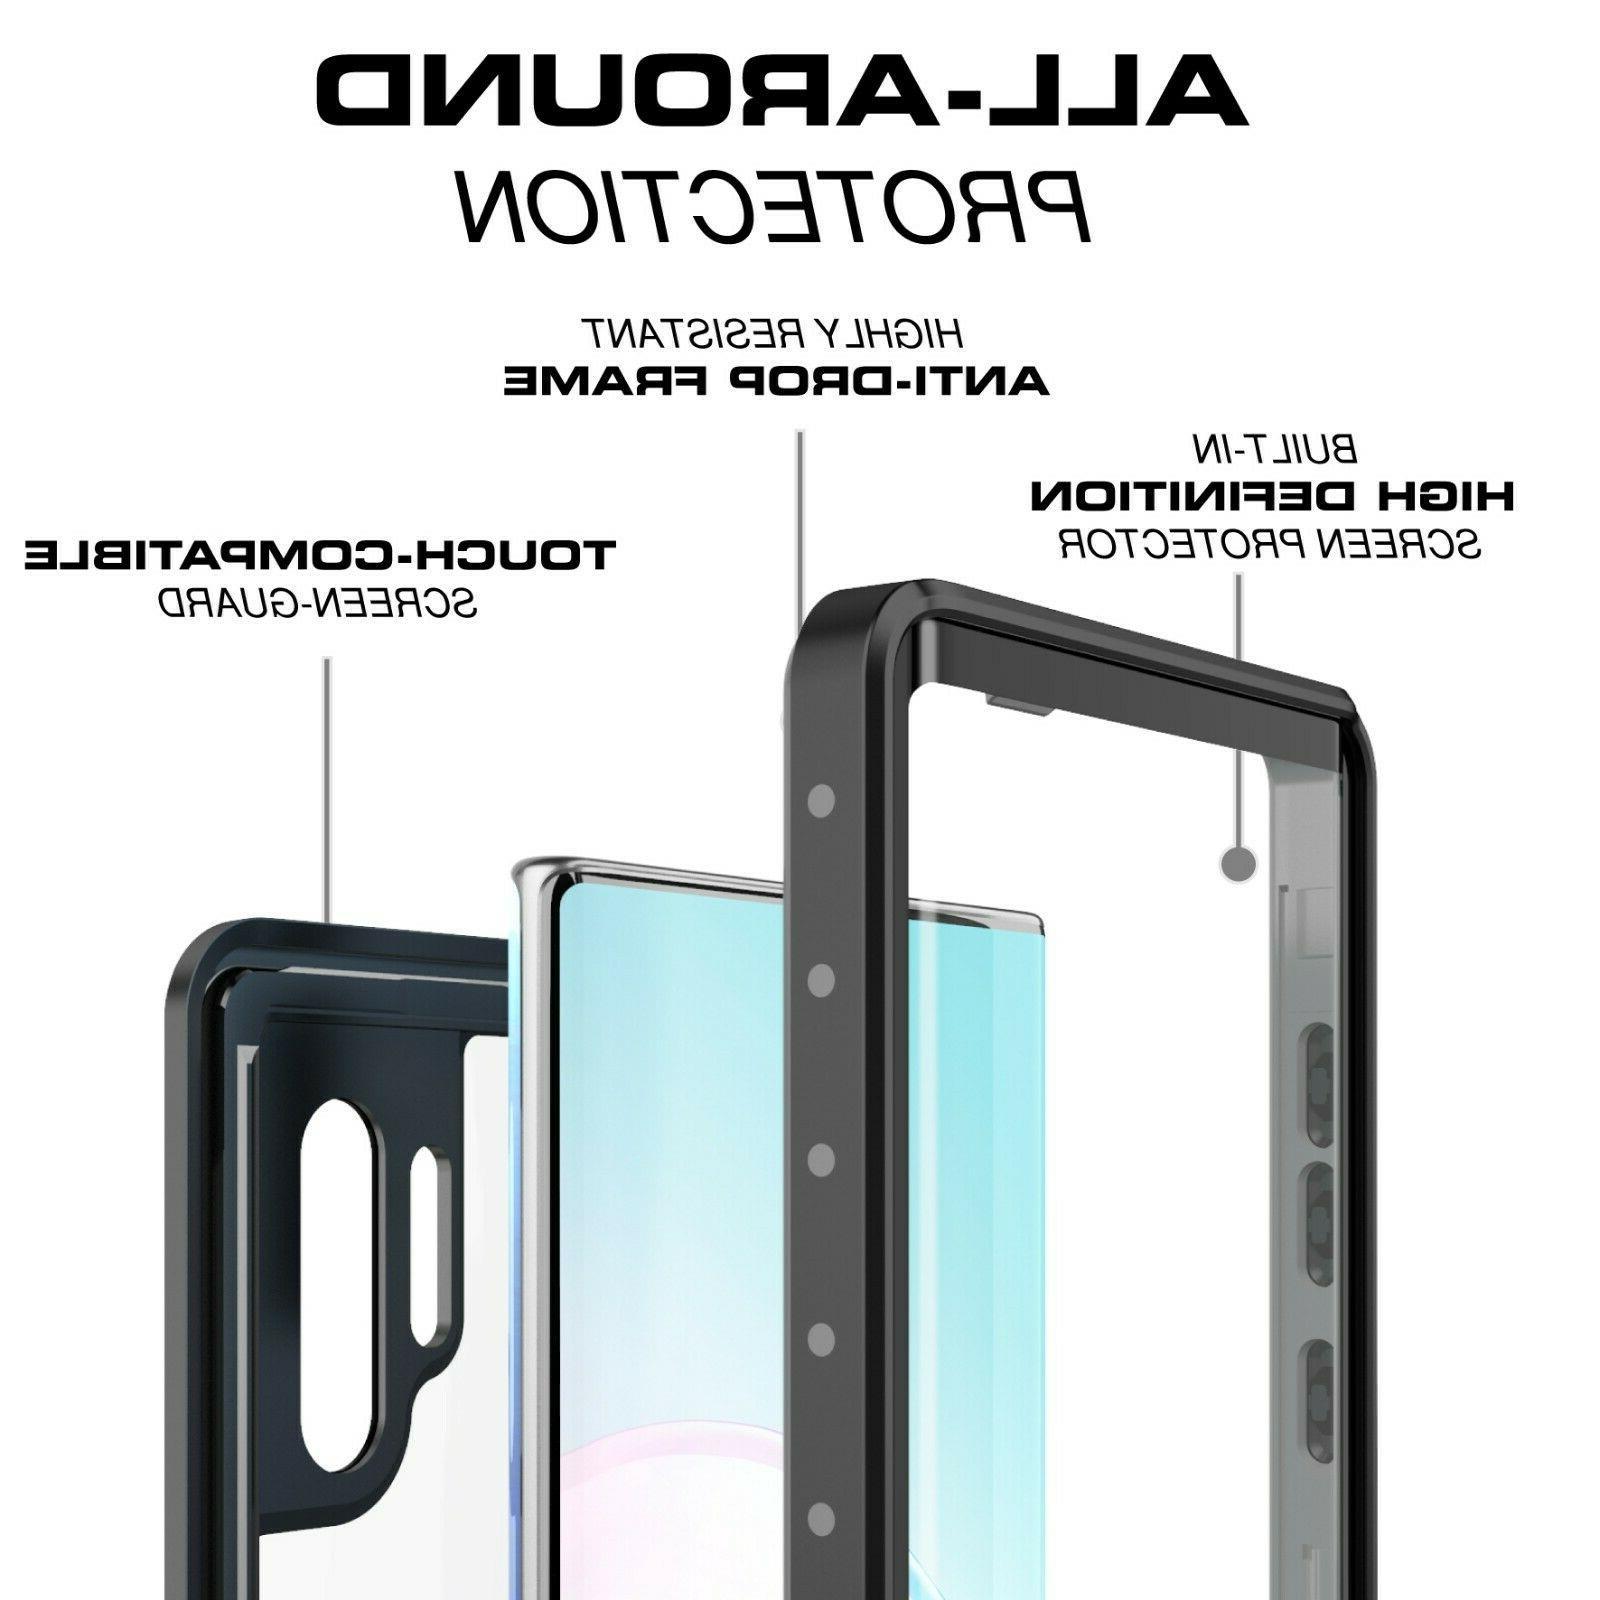 Samsung / 10+ Waterproof Shockproof Cover